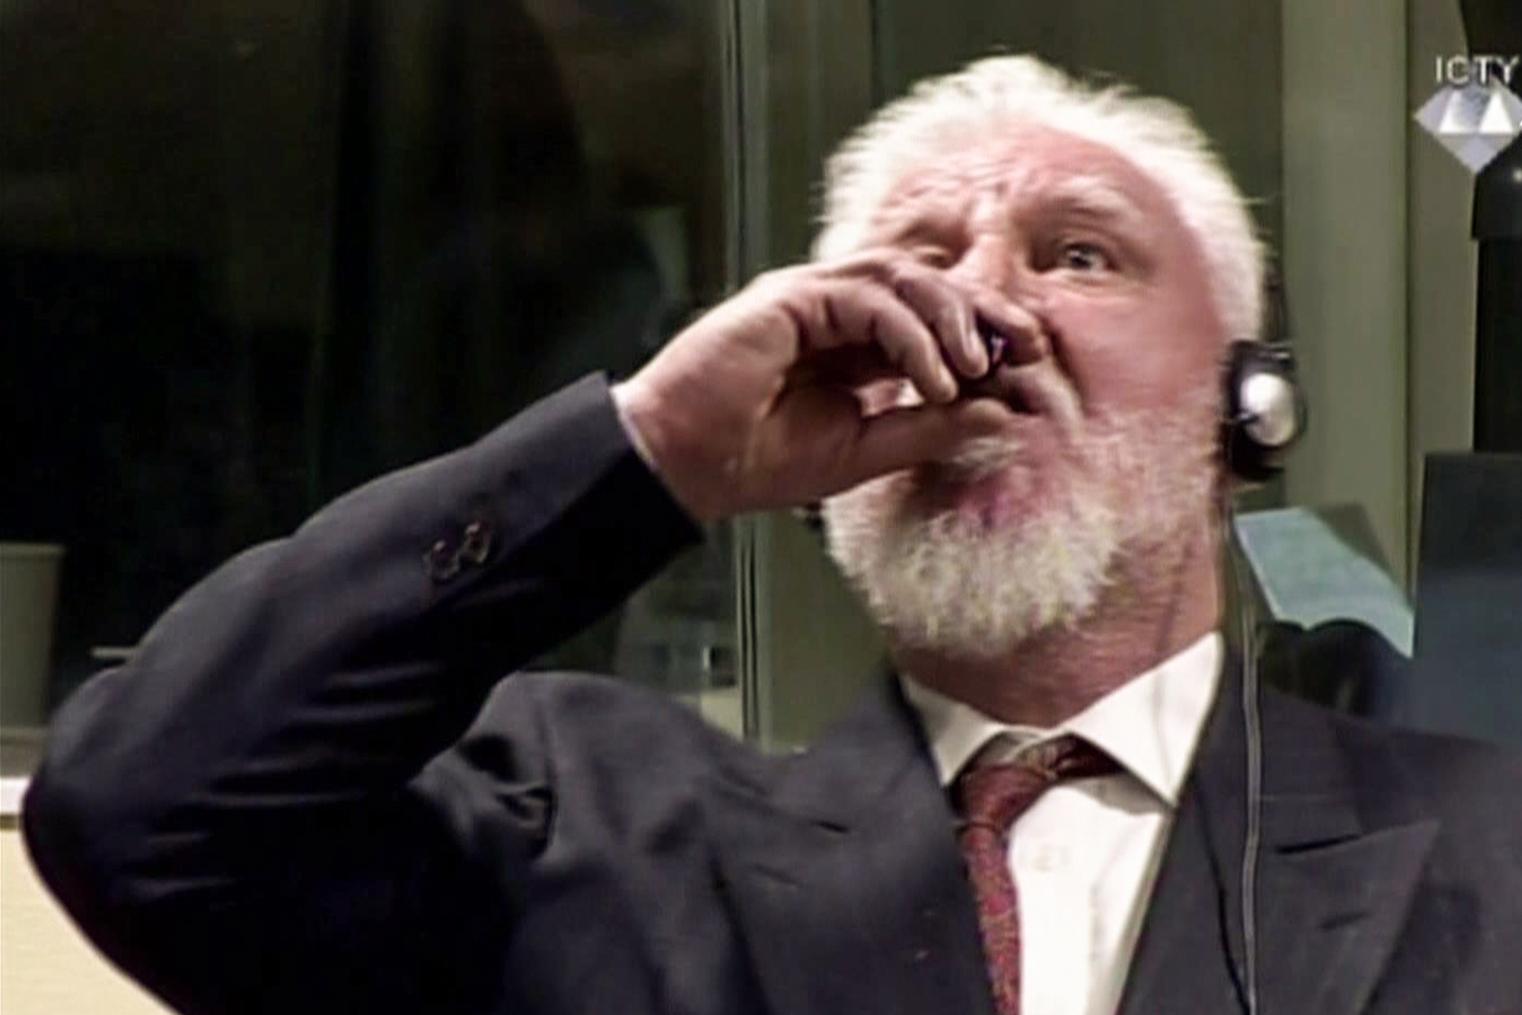 Slobodan Praljak Den Haag >> Kroaat Praljak dood na drinken van gif (video) - Elsevierweekblad.nl